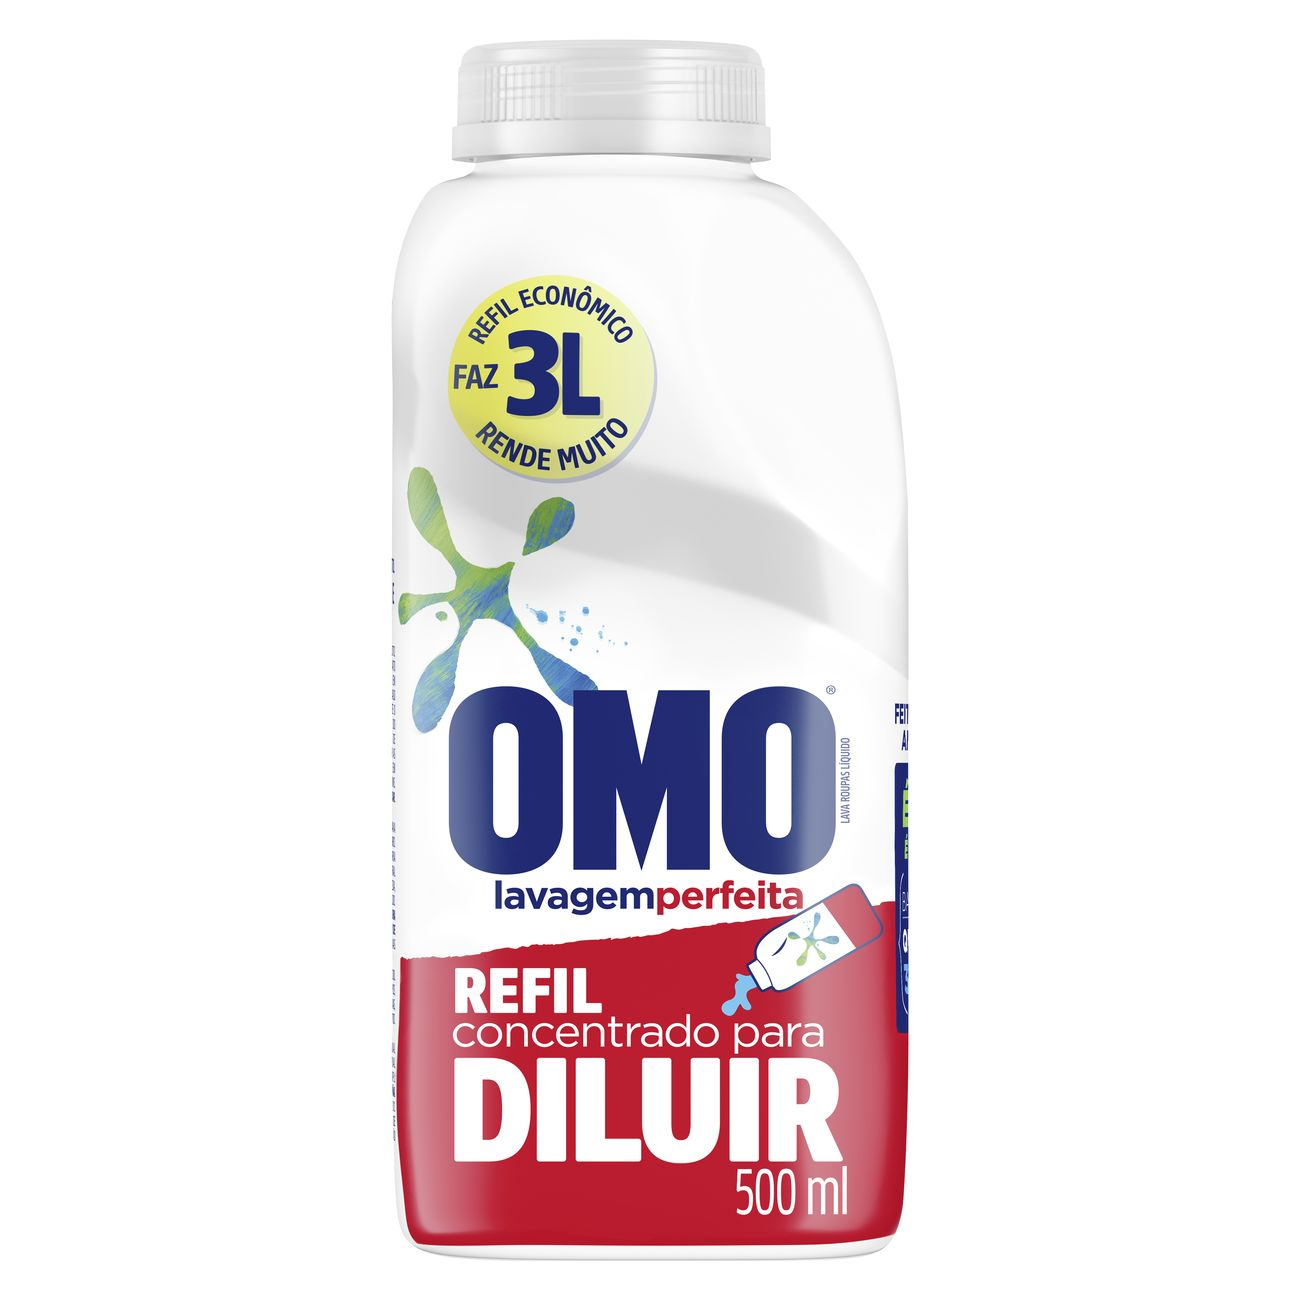 Sabão Liquido Concentrado Omo Lavagem Perfeita Refil Econômico 500ml